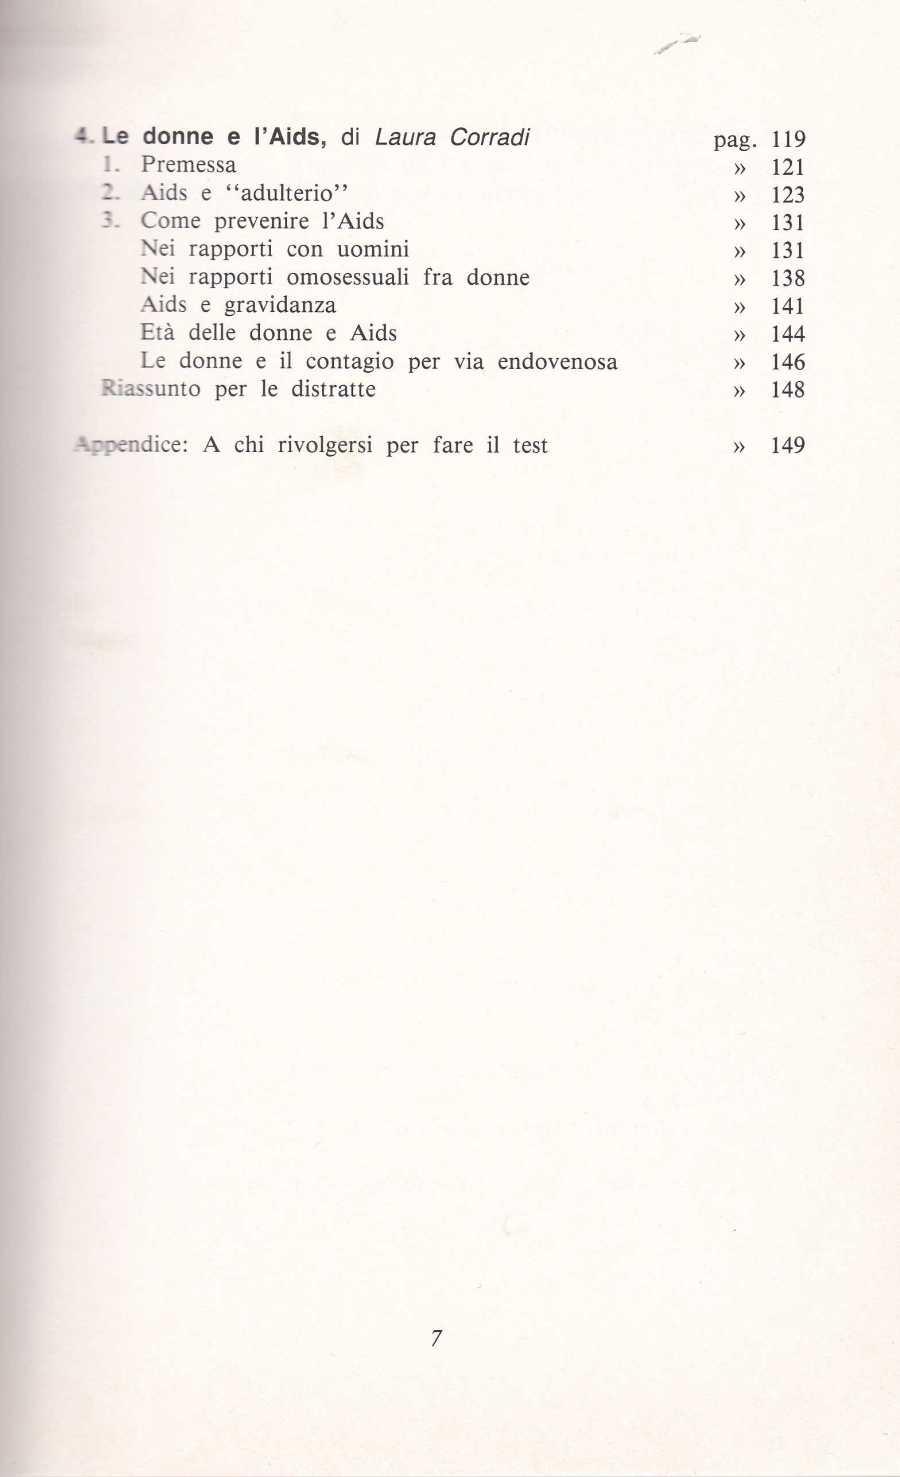 STELLA CORRADI AIDS1973